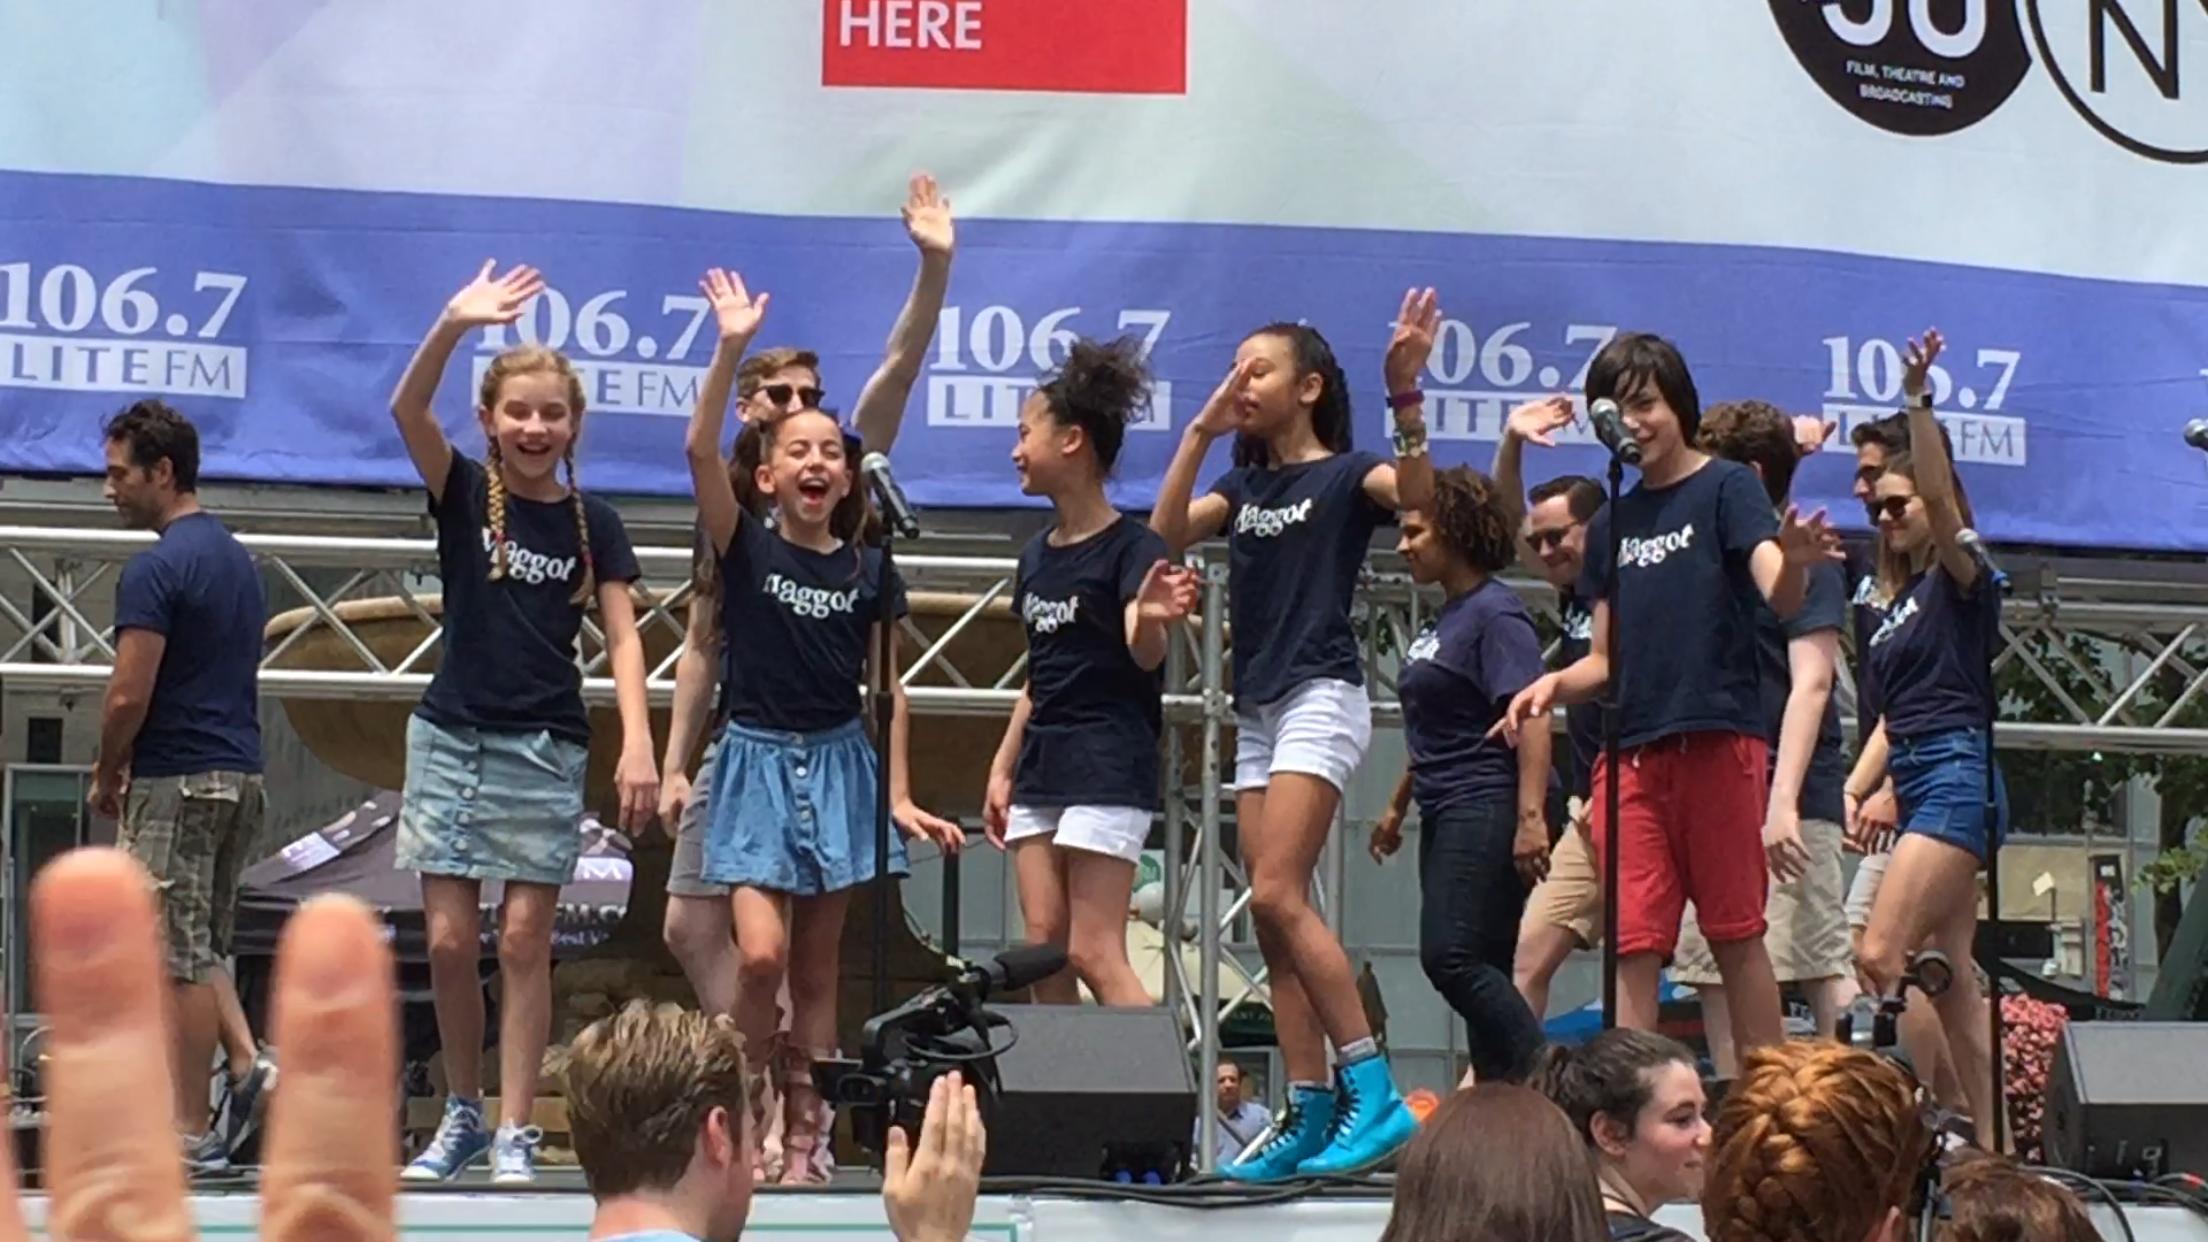 Matilda Maggots waving to the crowd at Broadway at Bryant Park 2016.PNG